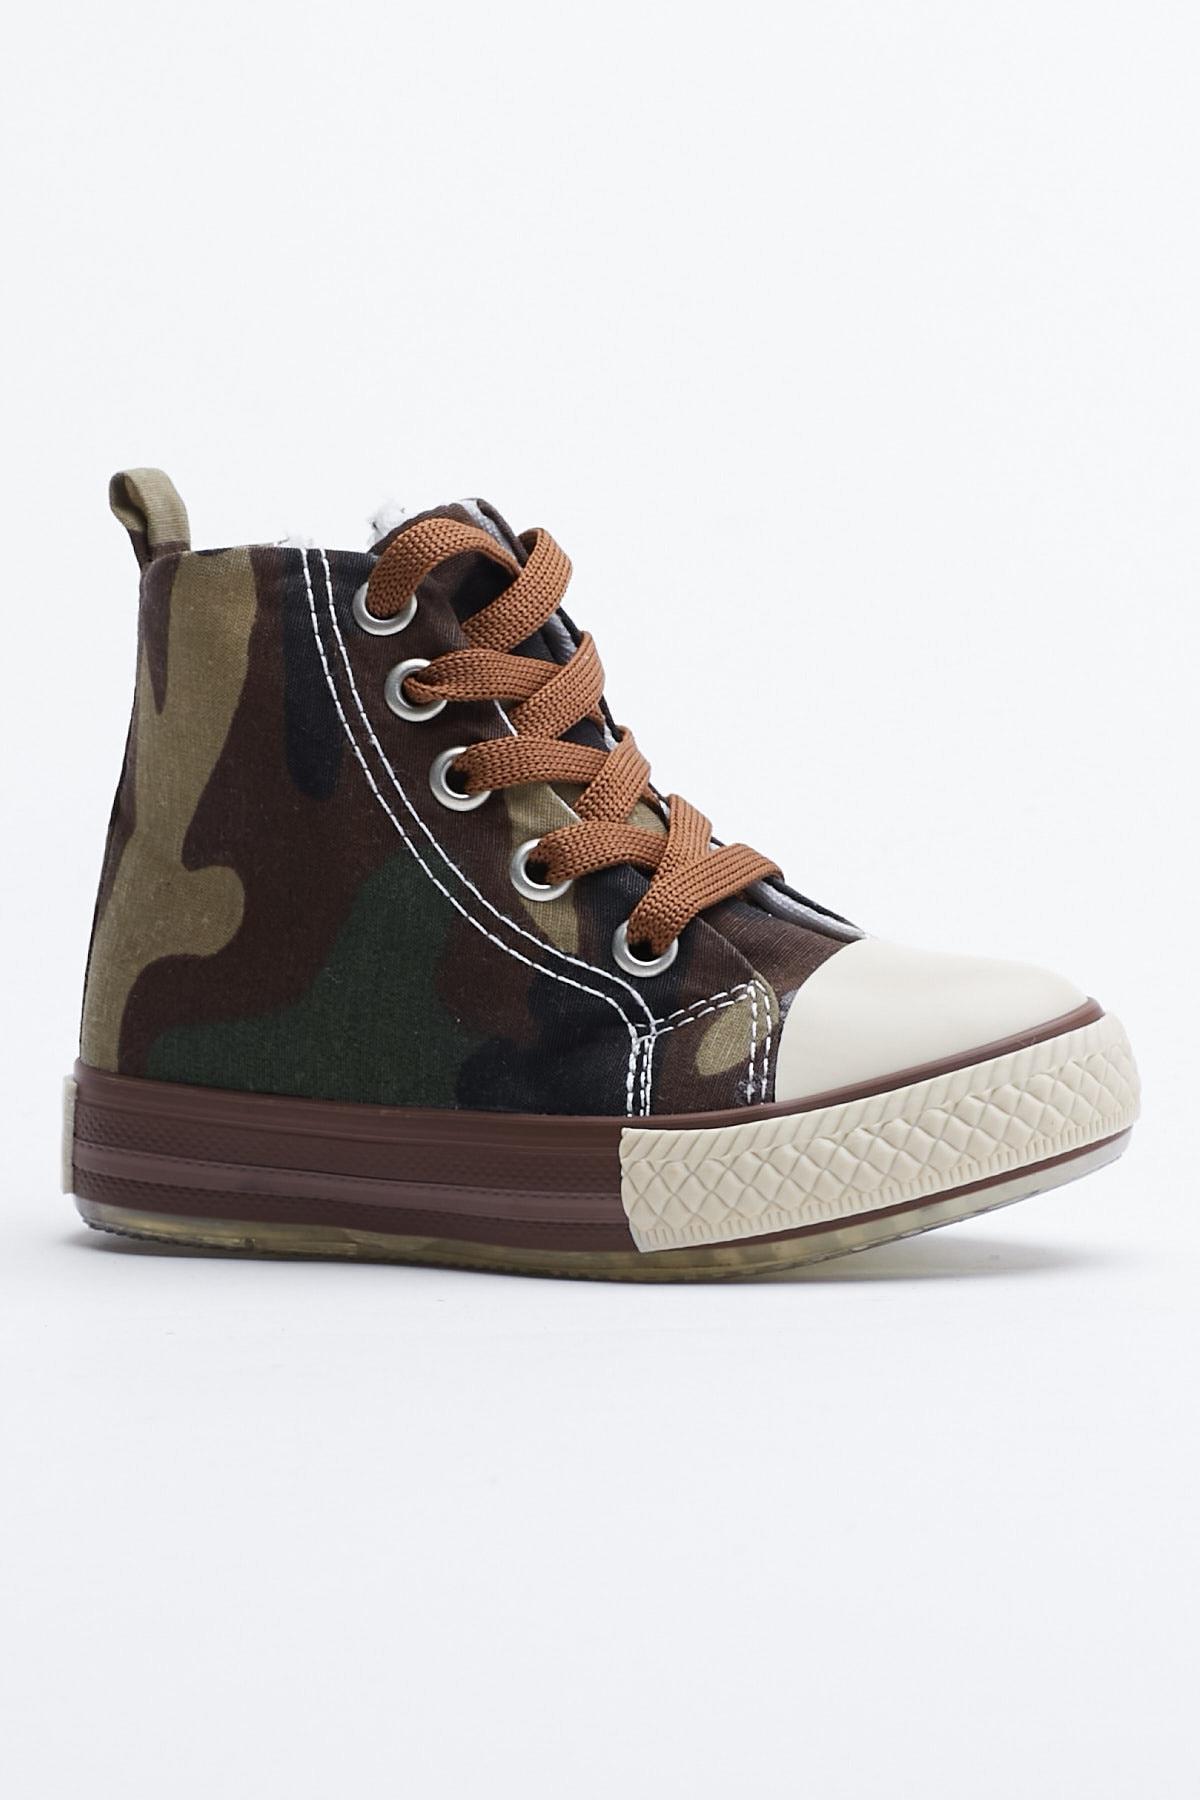 Tonny Black Haki Kamuflaj Çocuk Spor Ayakkabı Uzun Tb999 0